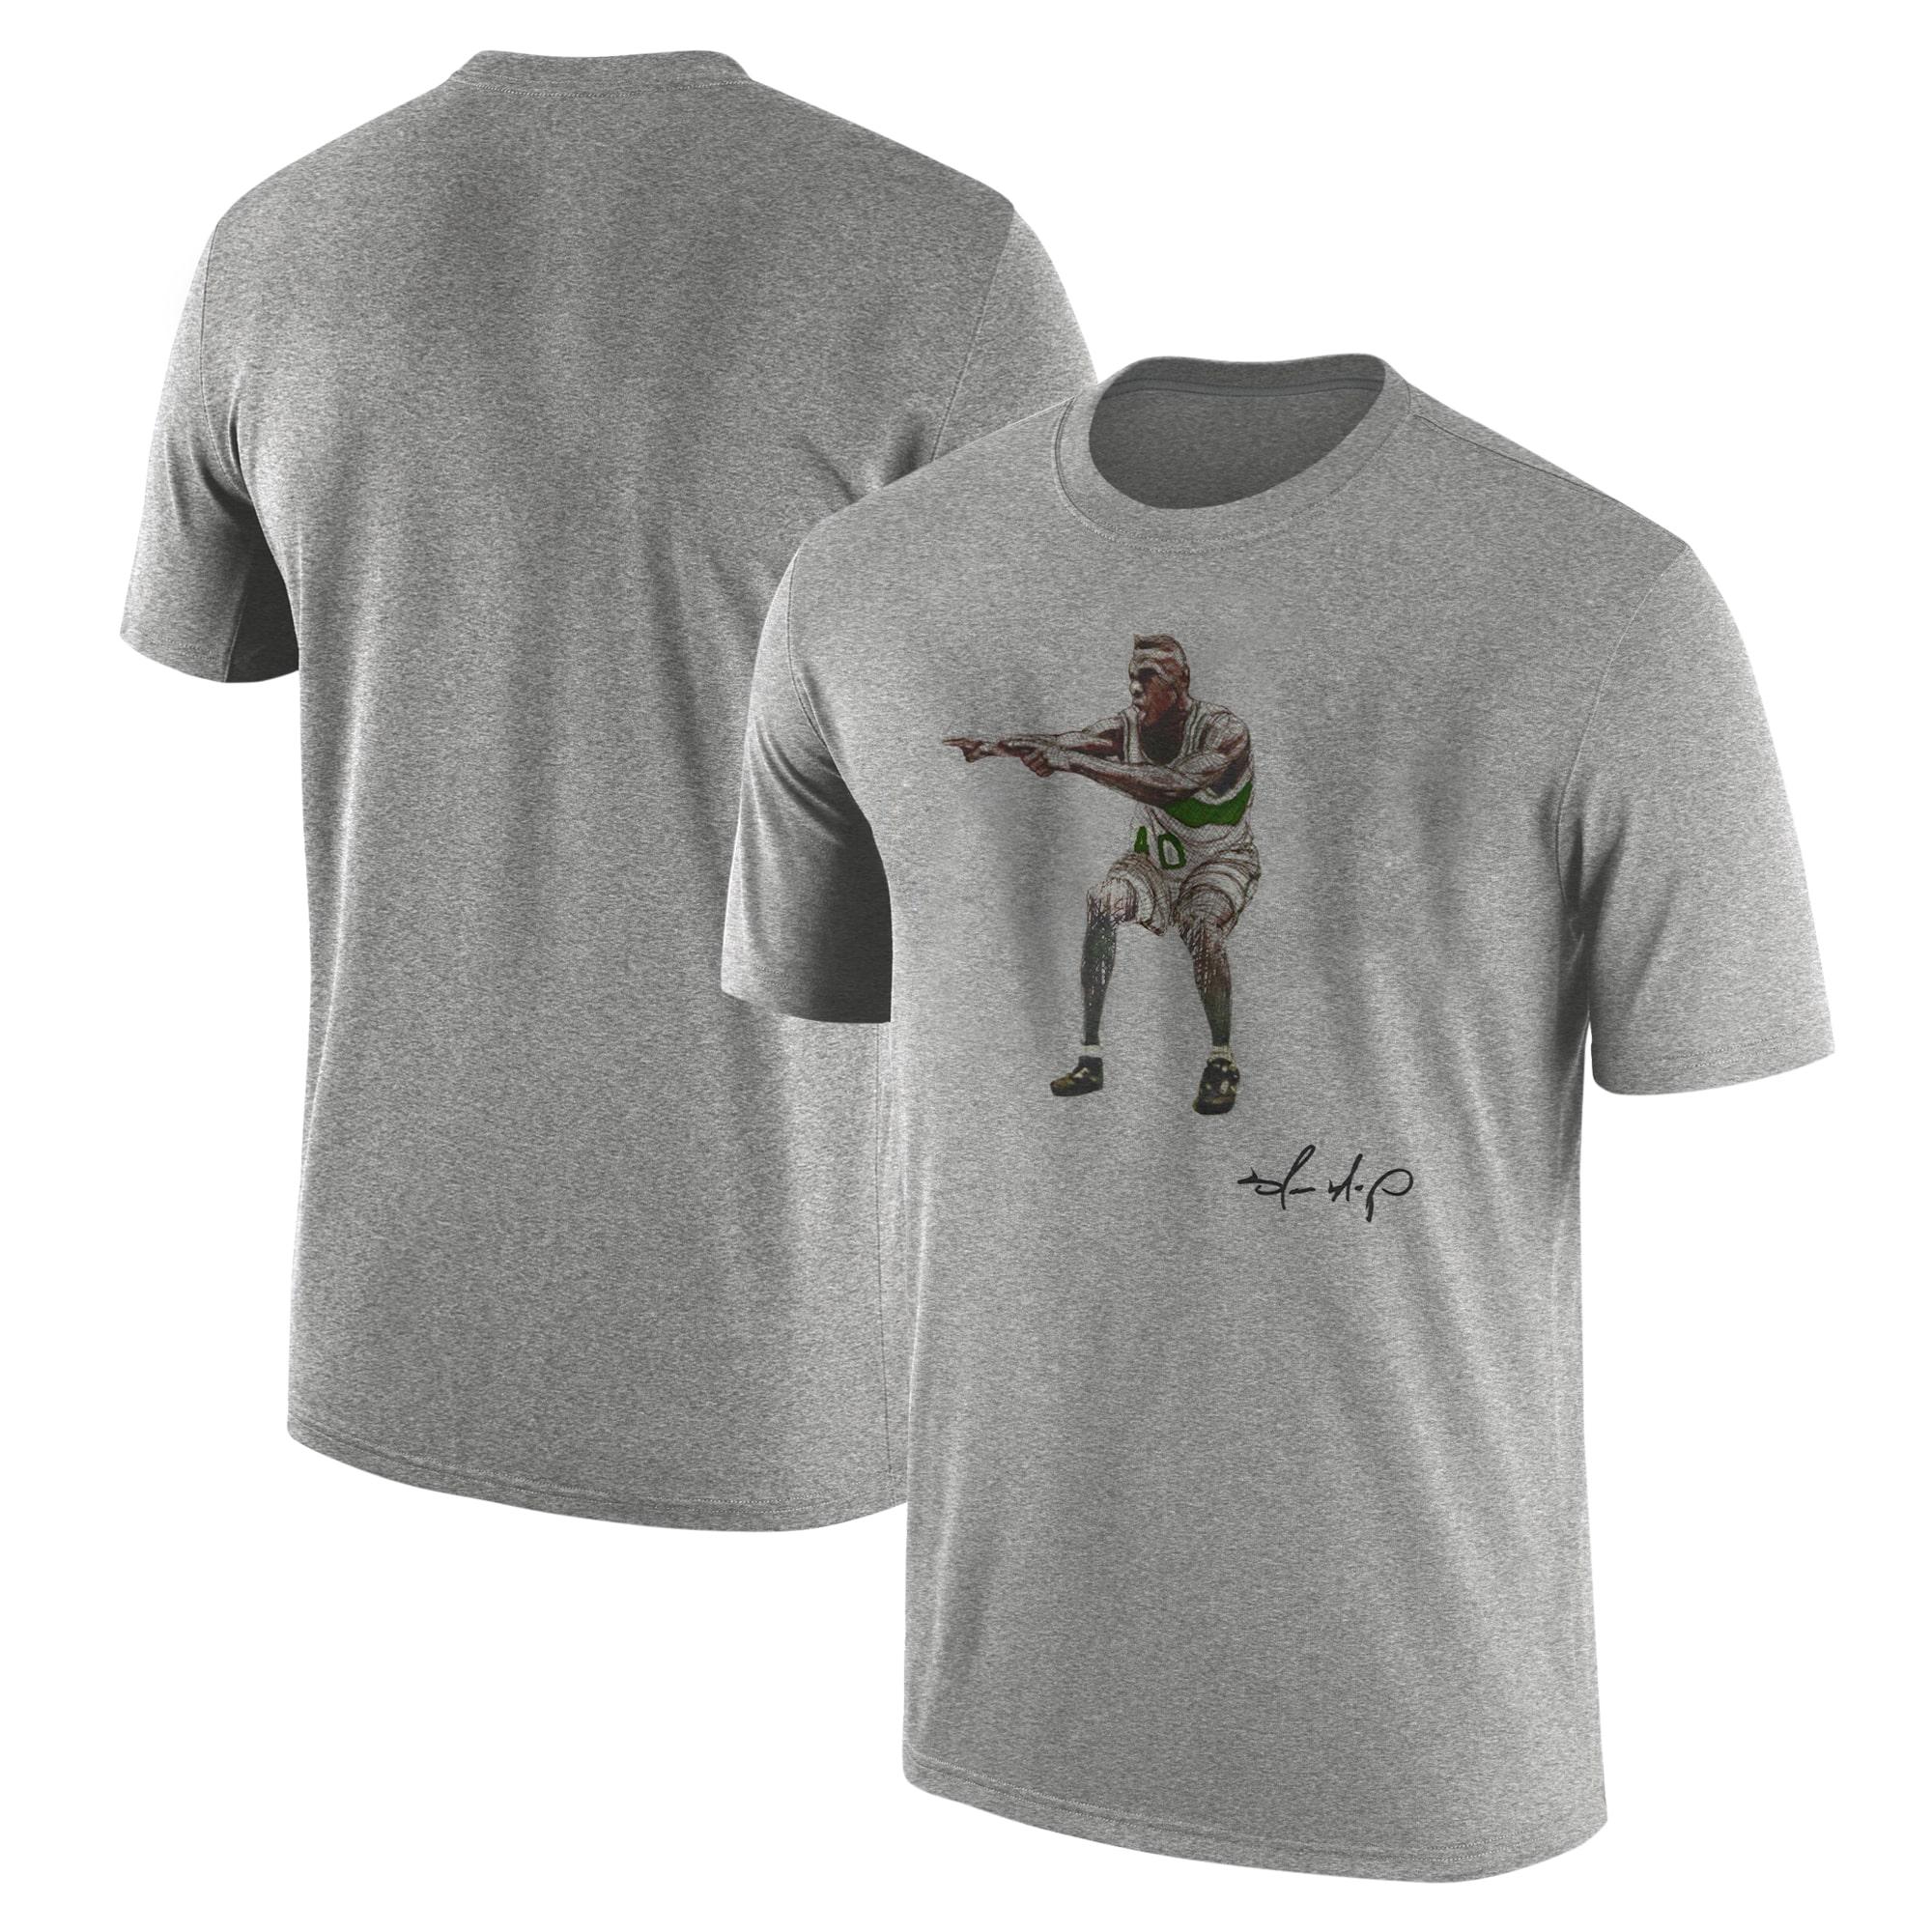 Shawn Kemp Tshirt (TSH-GRY-NP-PLYR-Shawn.Kemp-538)